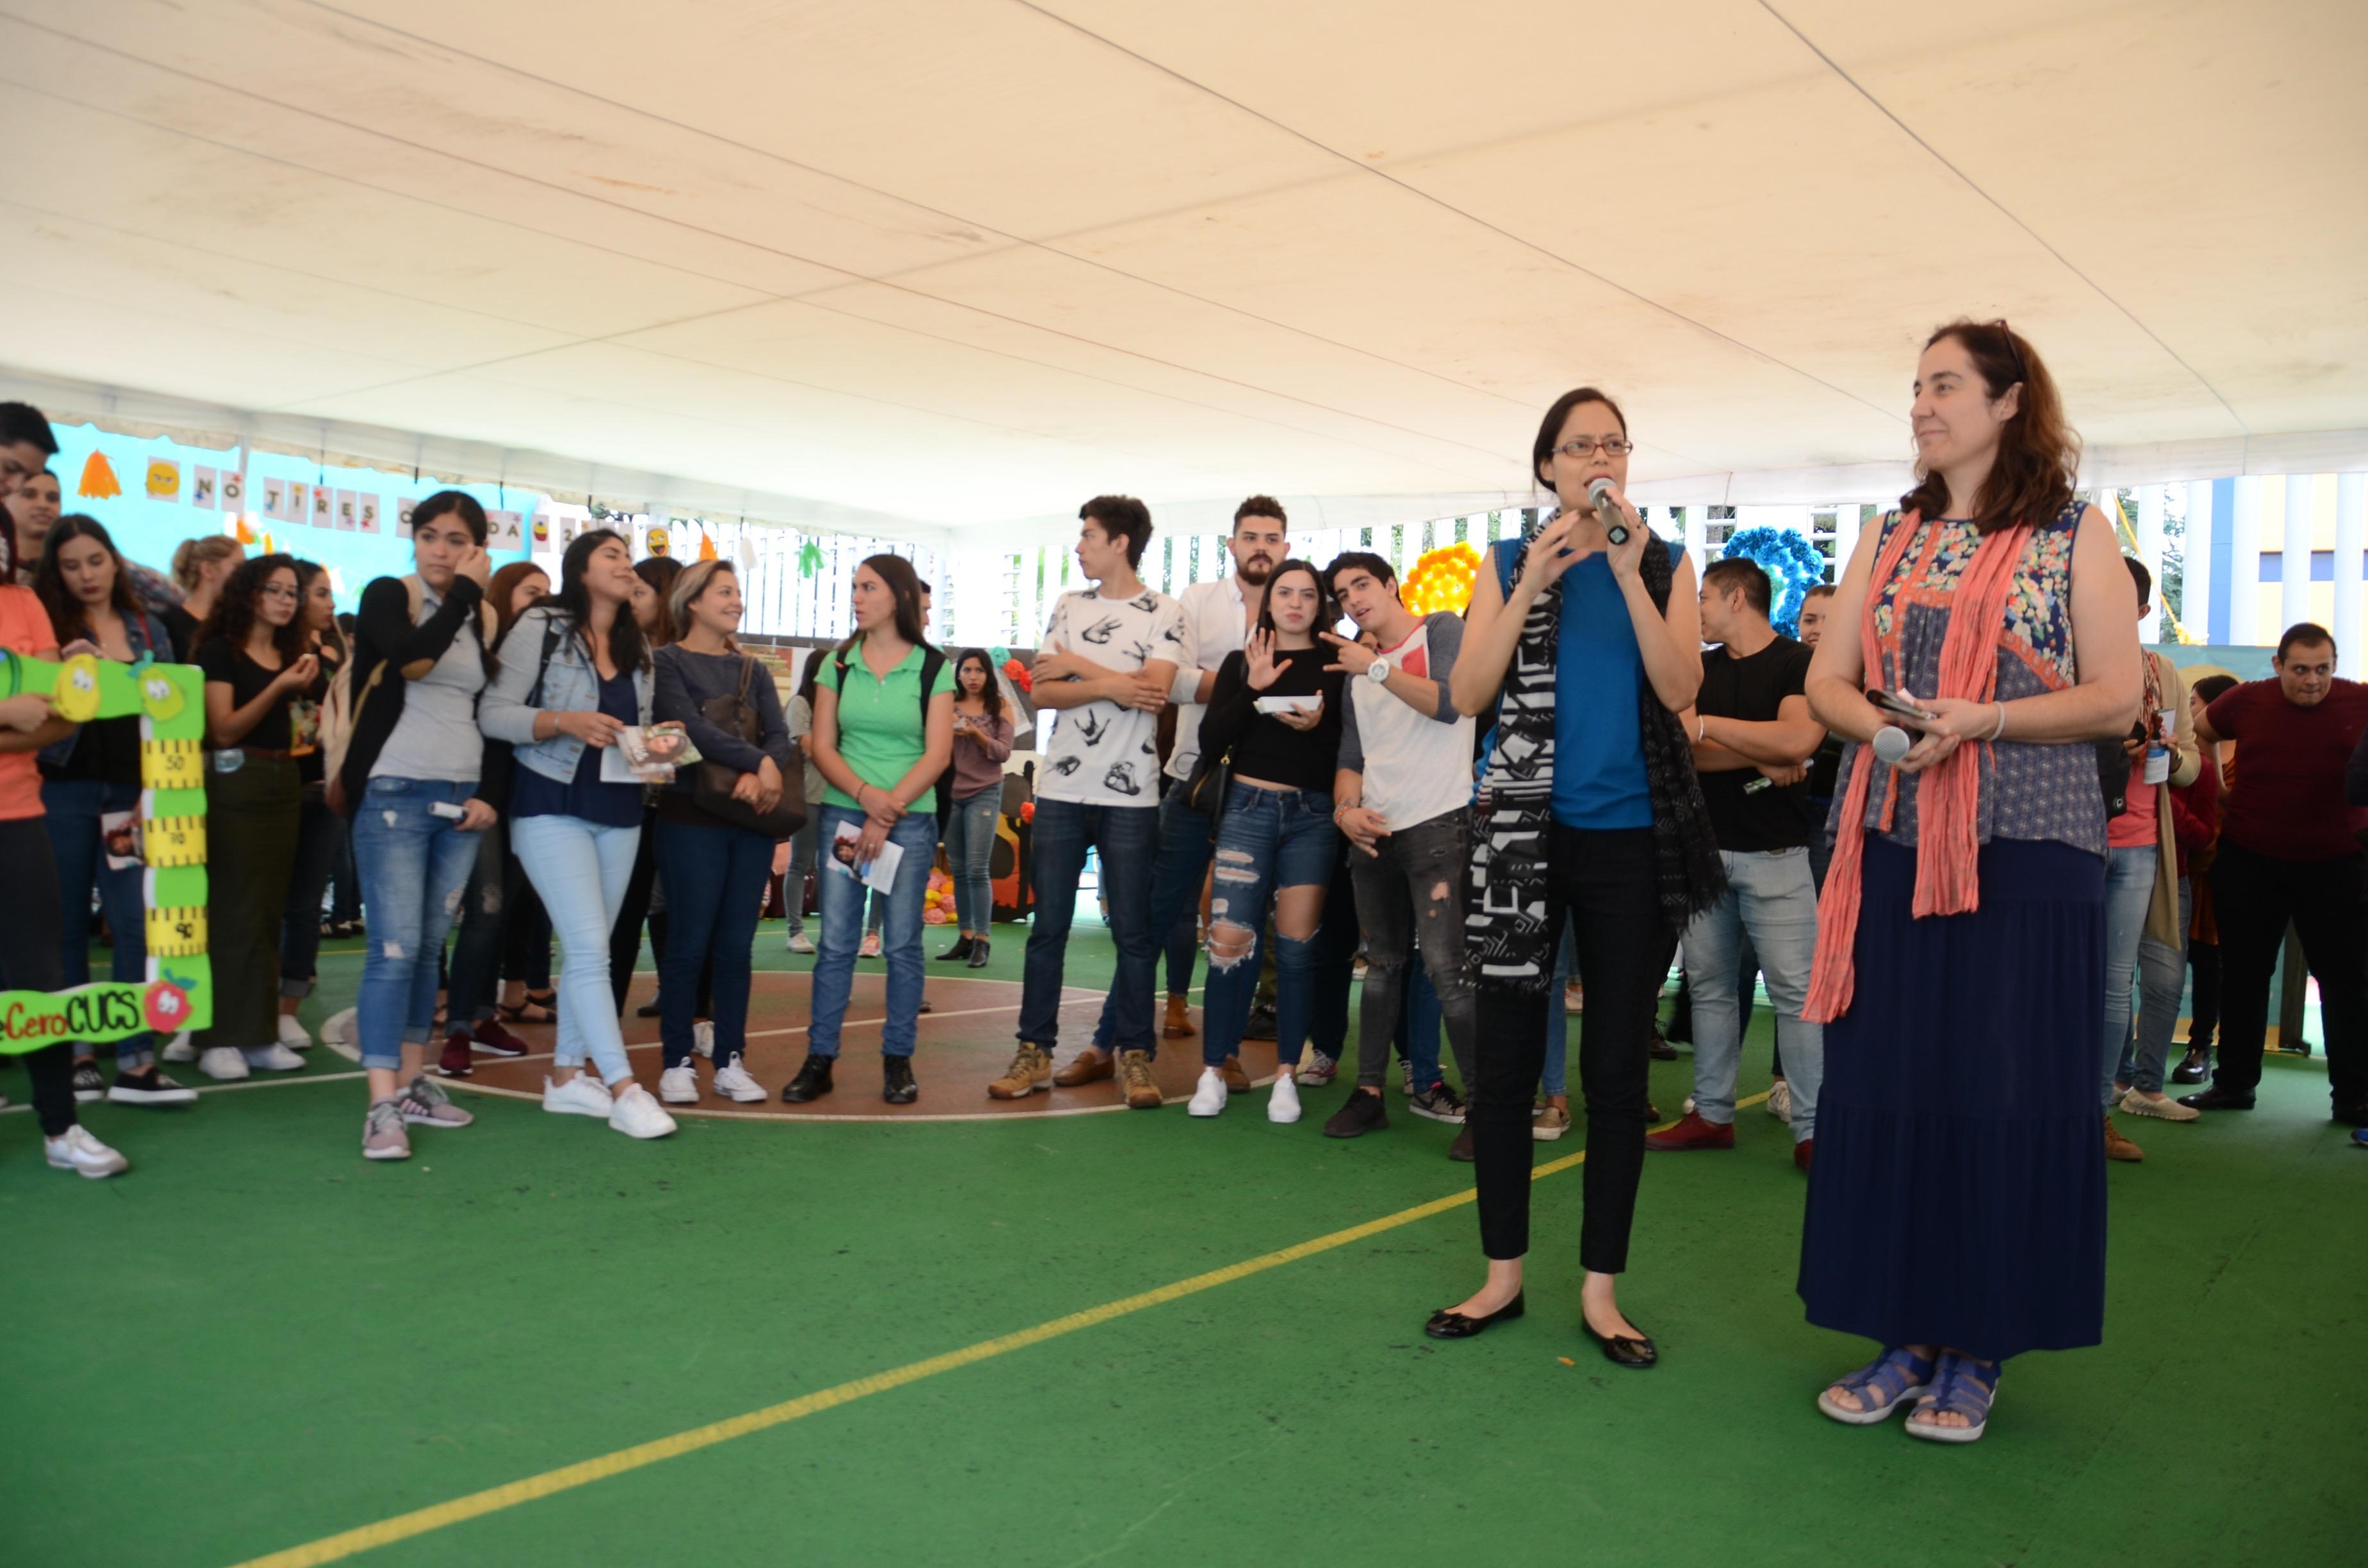 Mtra. Martha Betzaida Altamirando al micrófono dando palabras de bienvenida